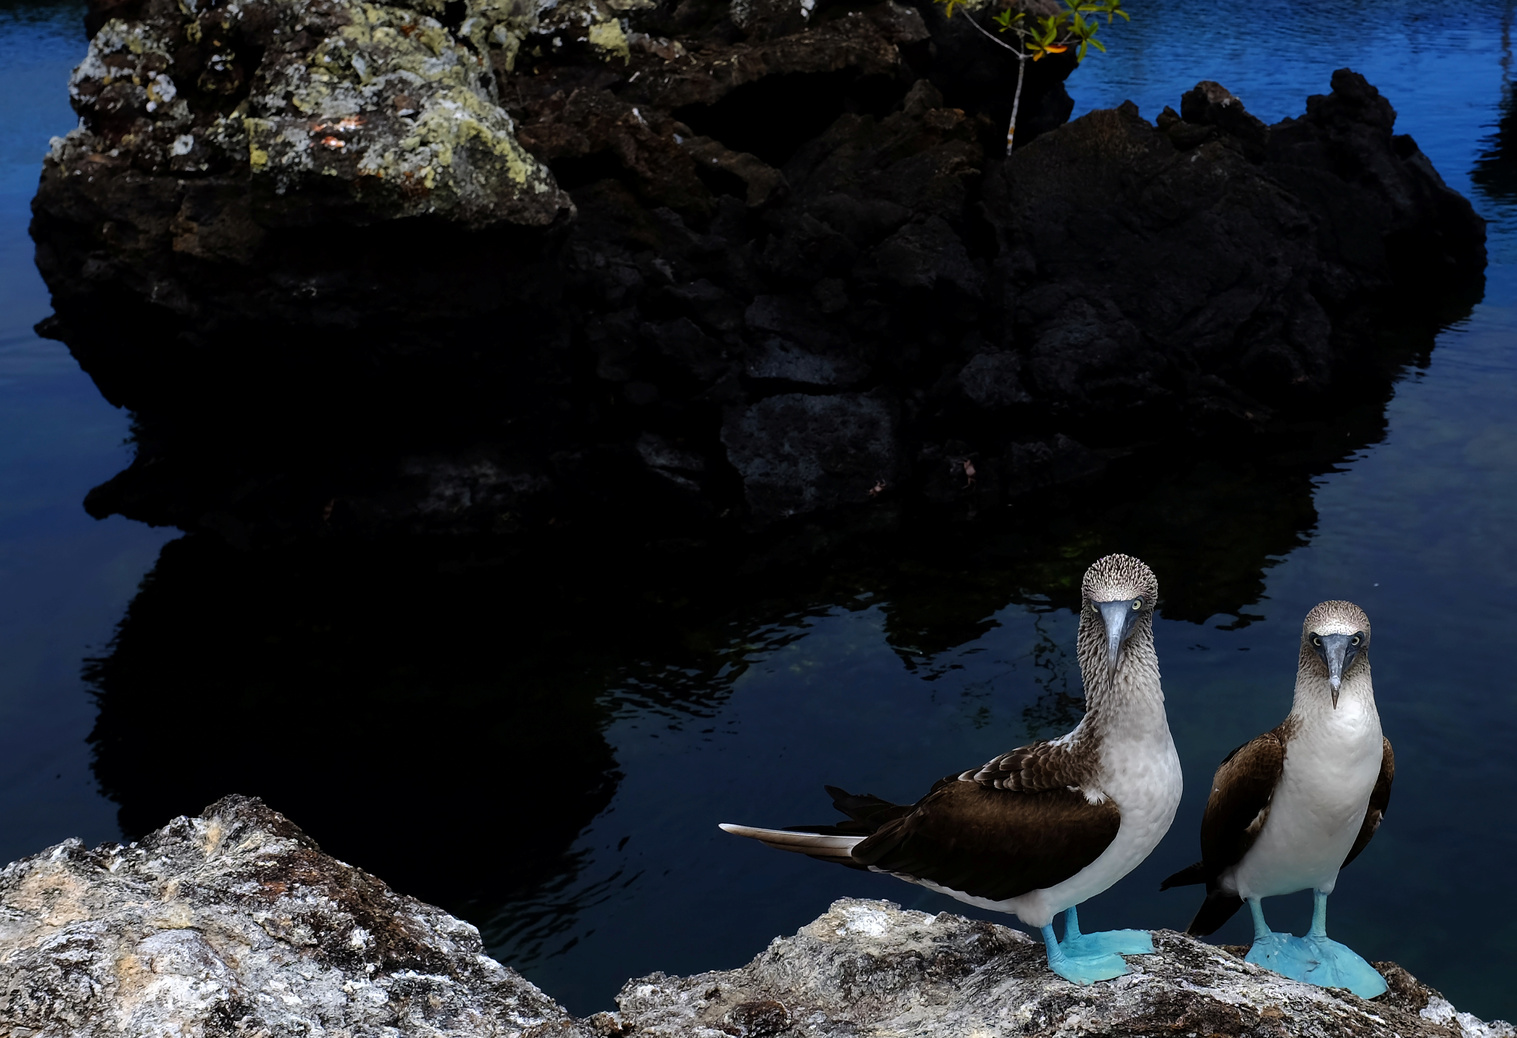 Kéklábú szulák az Isabela-szigeten. (Fotó: Reuters/Nacho Doce)